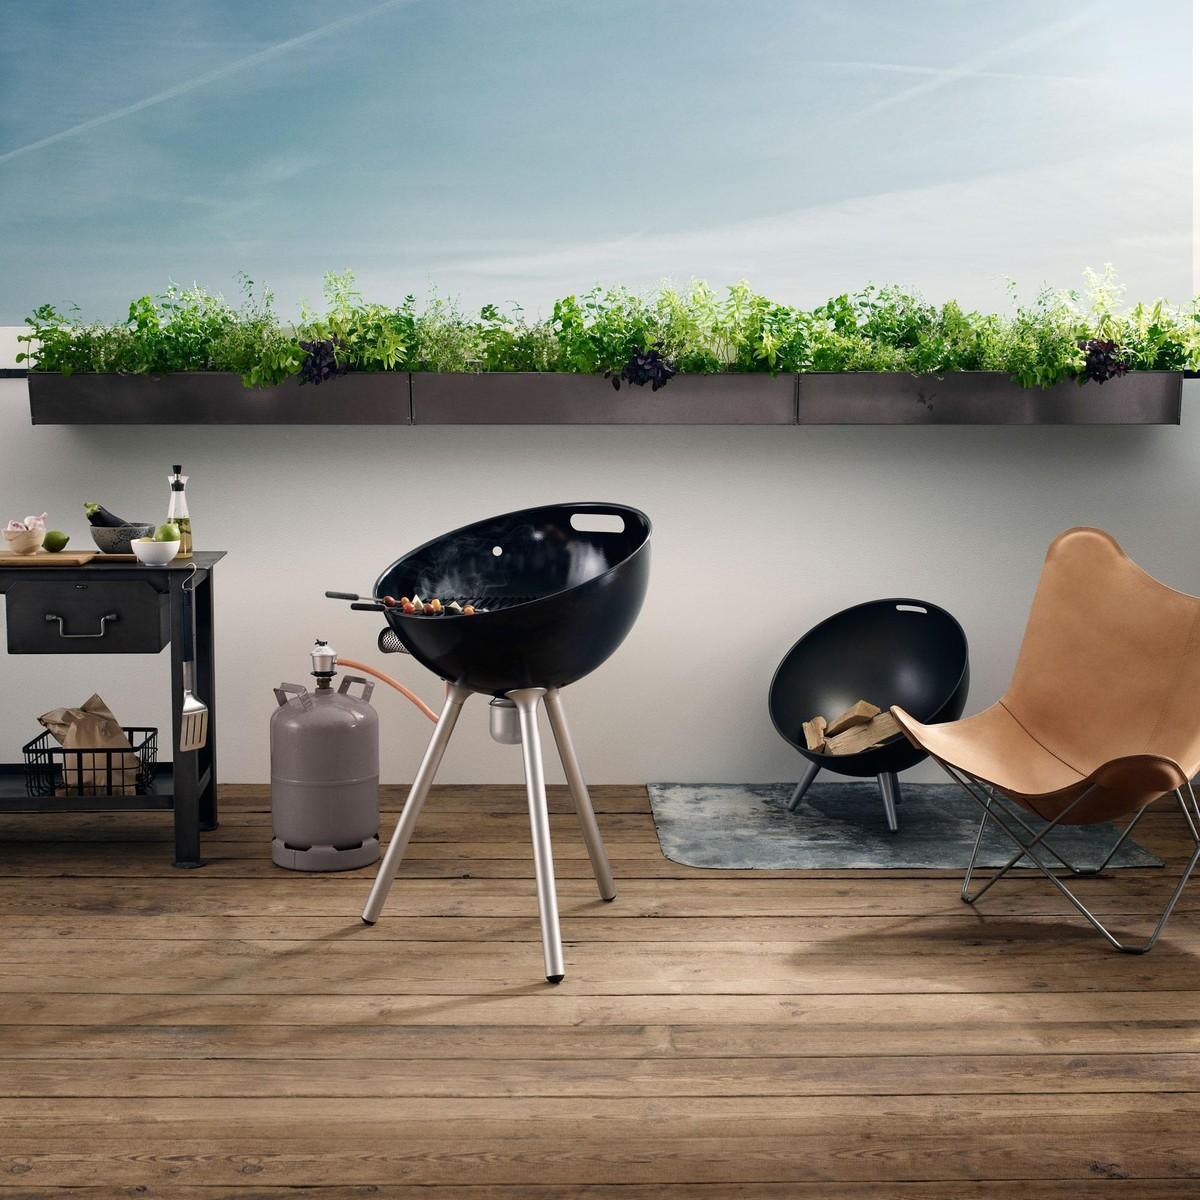 eva solo fireglobe gas grill eva solo. Black Bedroom Furniture Sets. Home Design Ideas